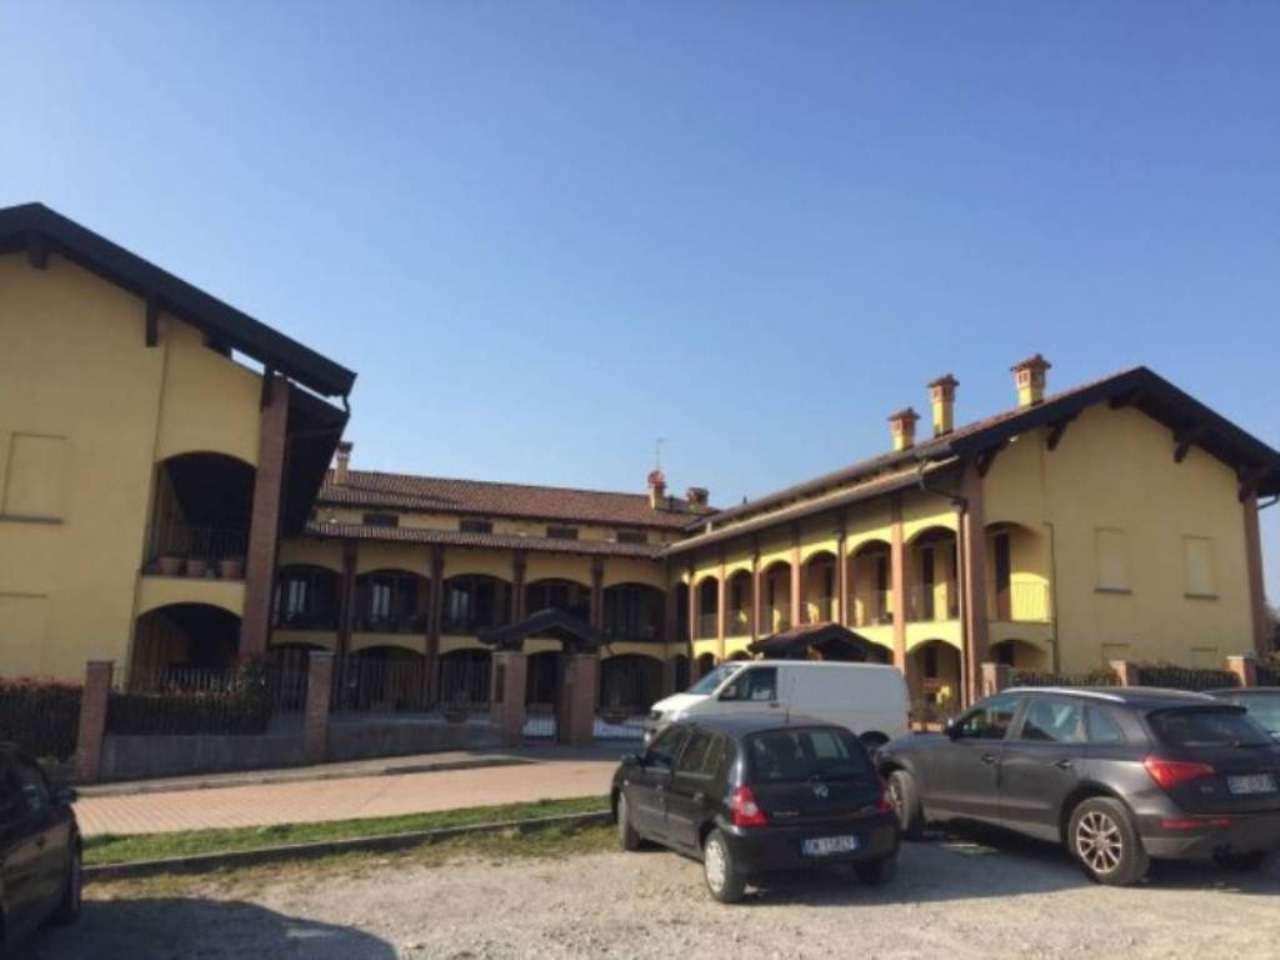 Attico / Mansarda in vendita a Giussano, 3 locali, prezzo € 235.000 | Cambio Casa.it